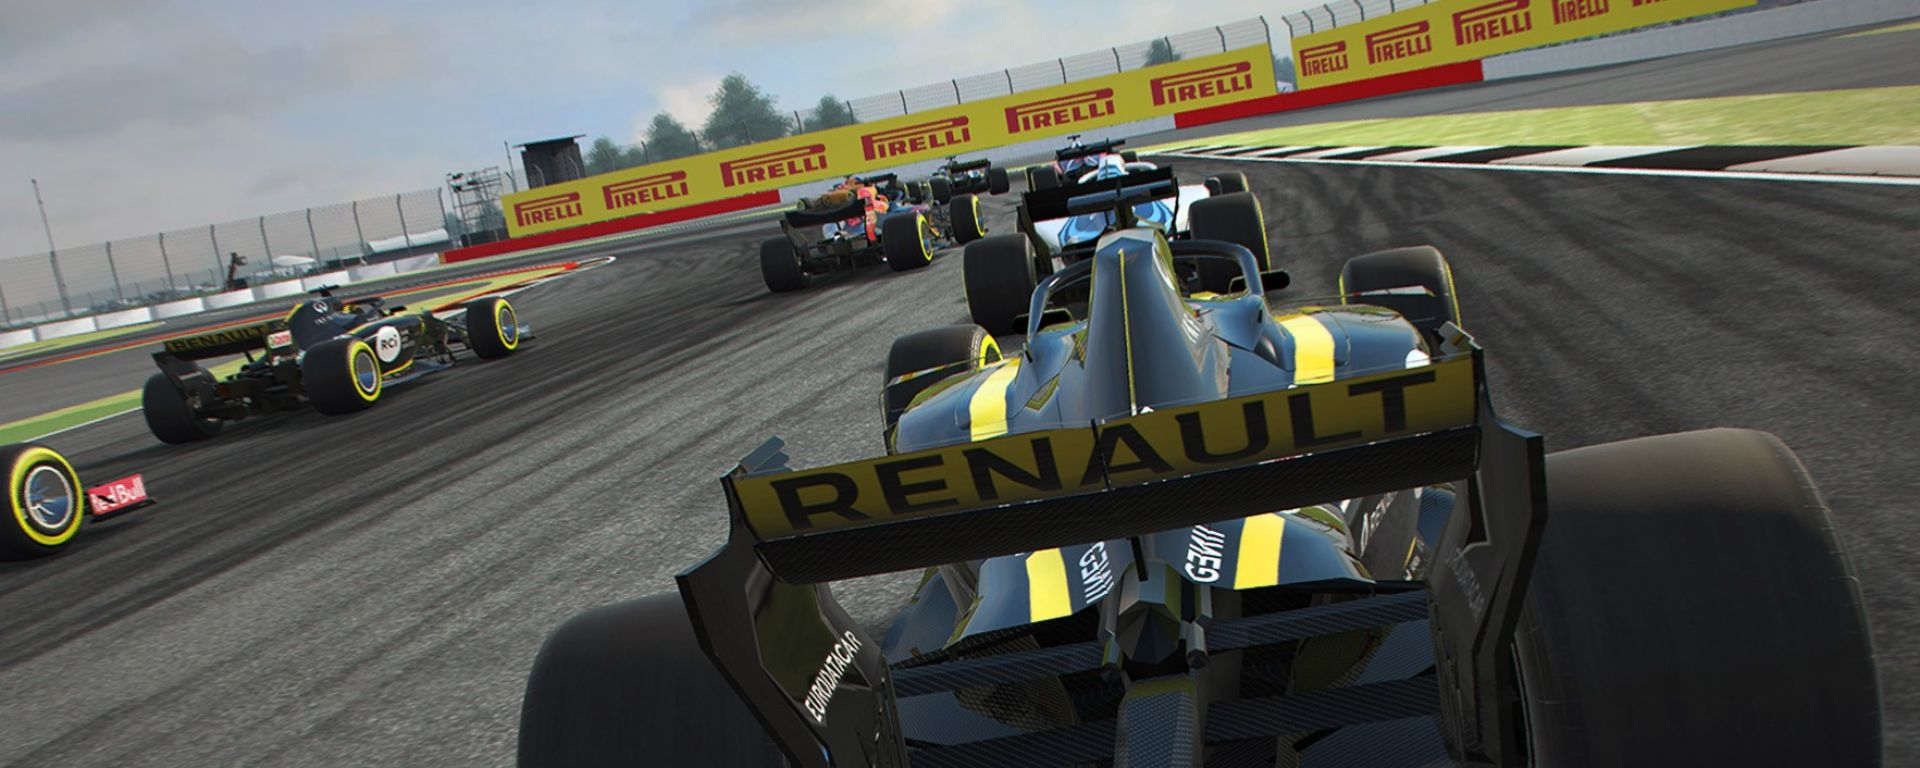 F1 Mobile Racing: ecco il gioco della Formula Uno, per smartphone